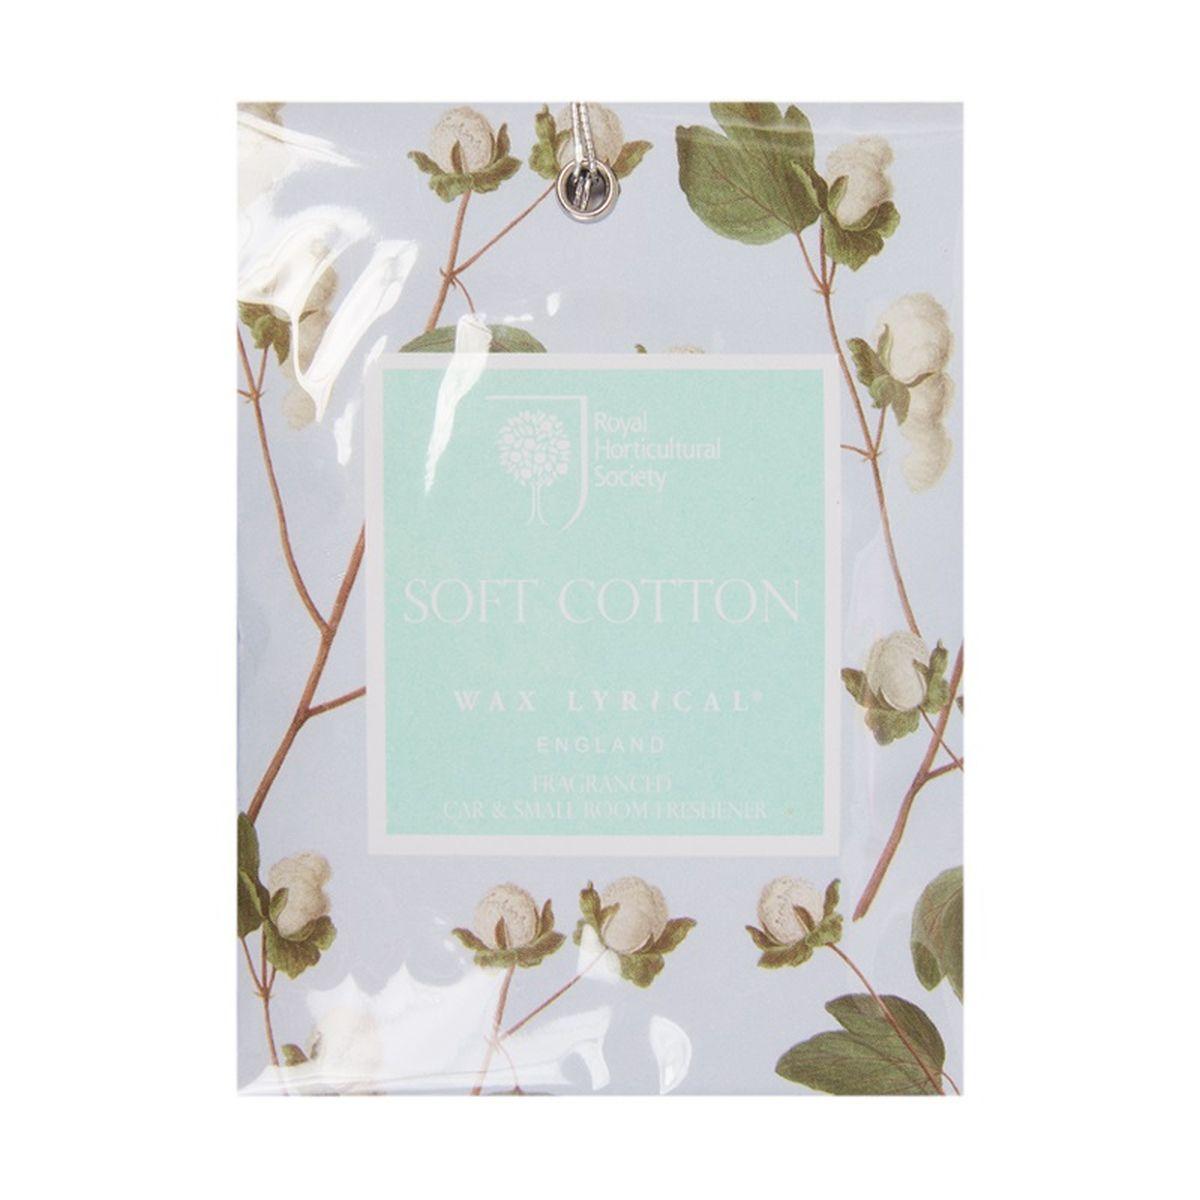 Мини-саше ароматические Wax Lyrical Цветущий хлопок, 20 гRH5829Деликатный цветочный аромат фиалки, лилии, розы и цветов мягкого хлопка на основе мускуса.